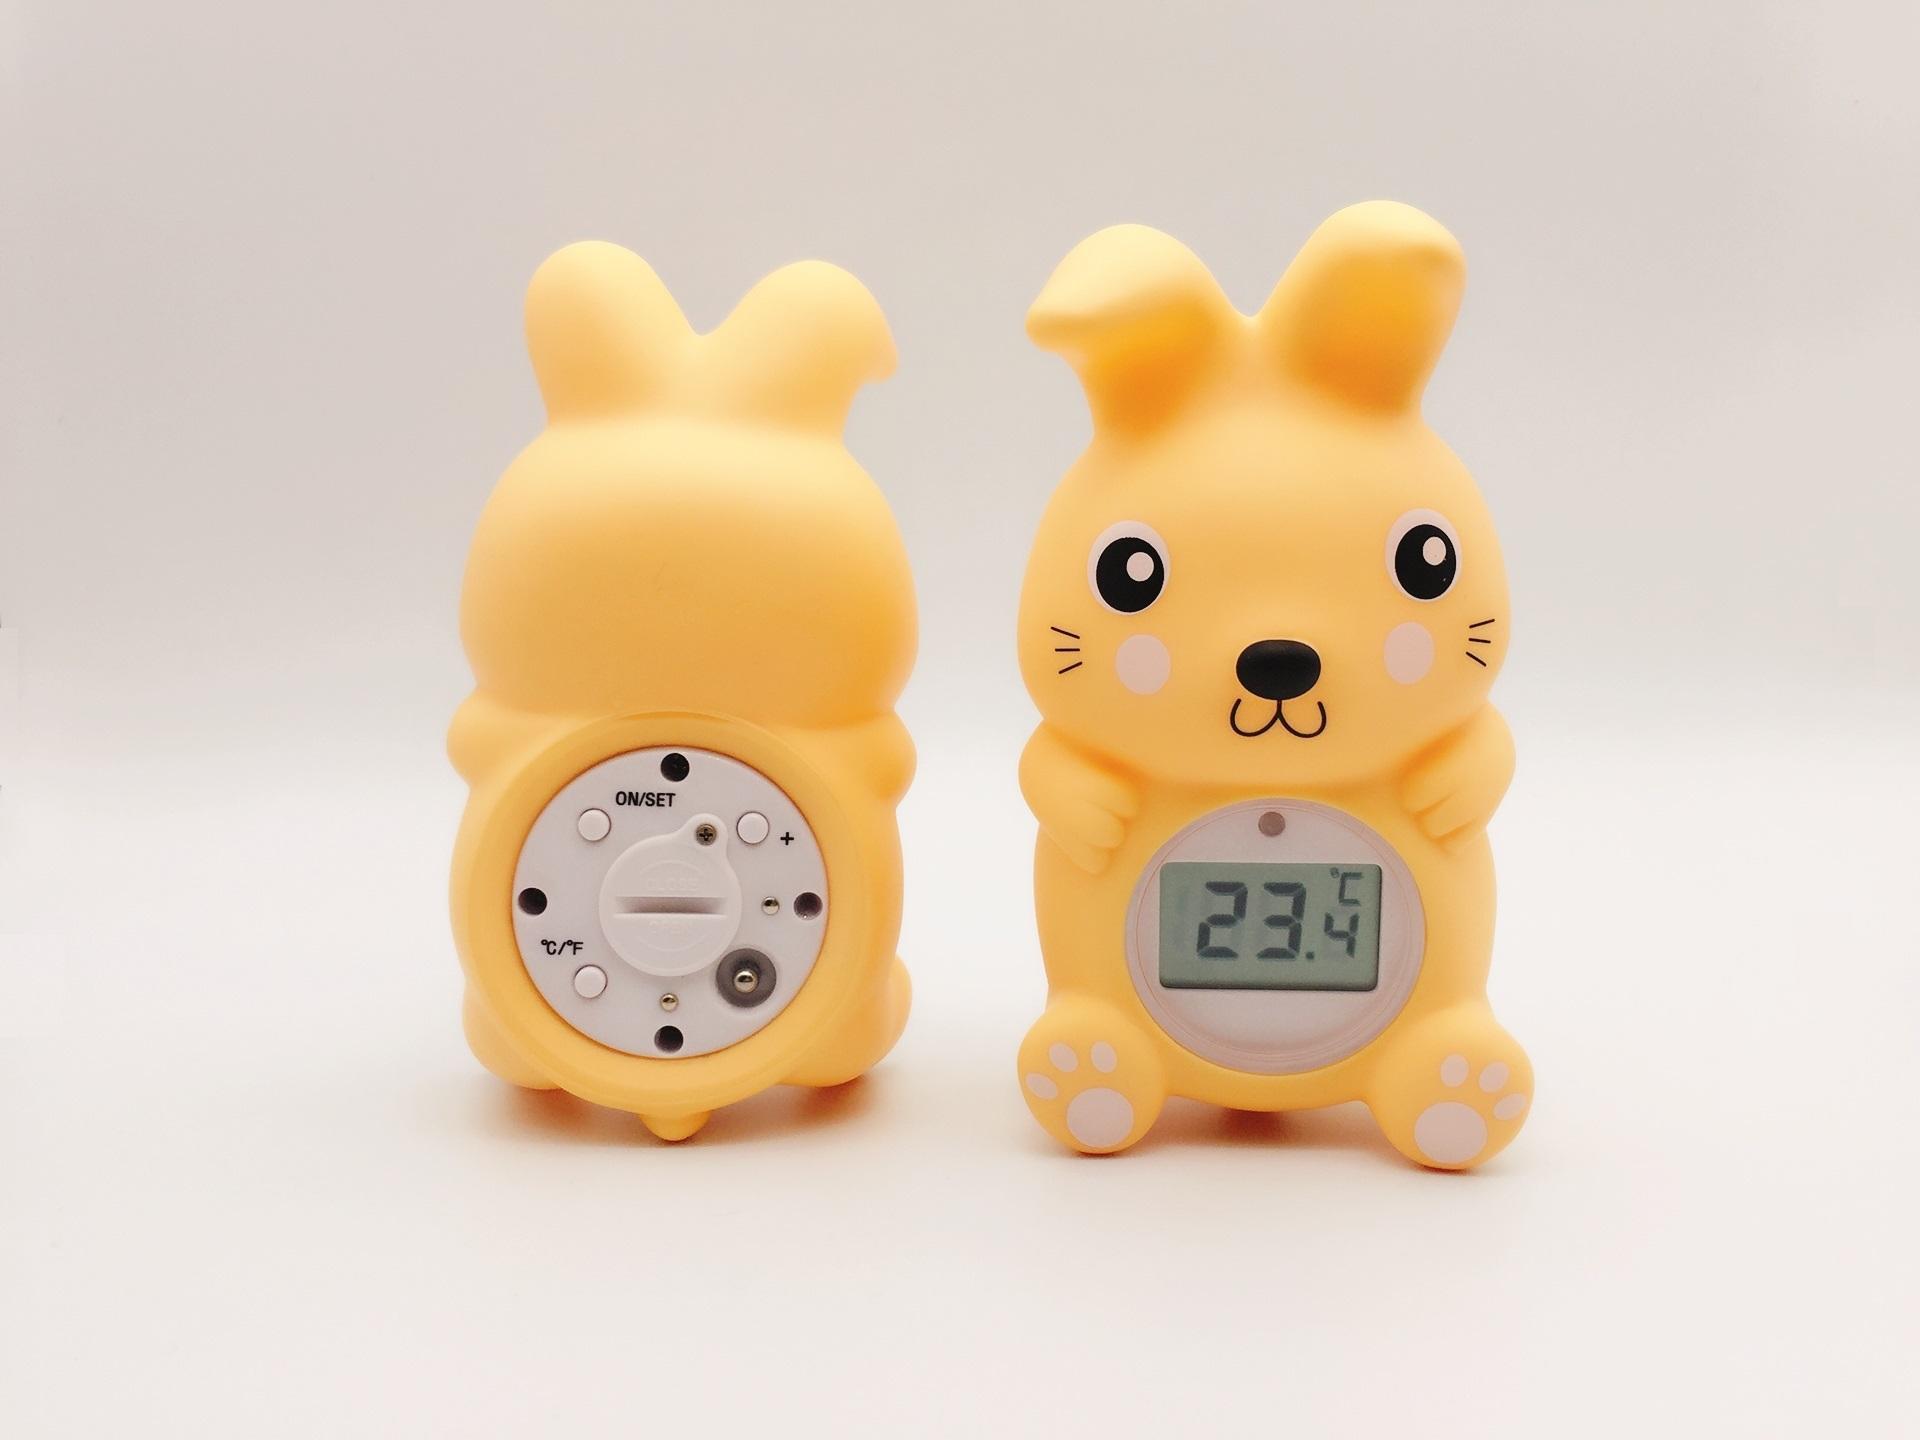 兔子浴缸室內兩用溫度計 7